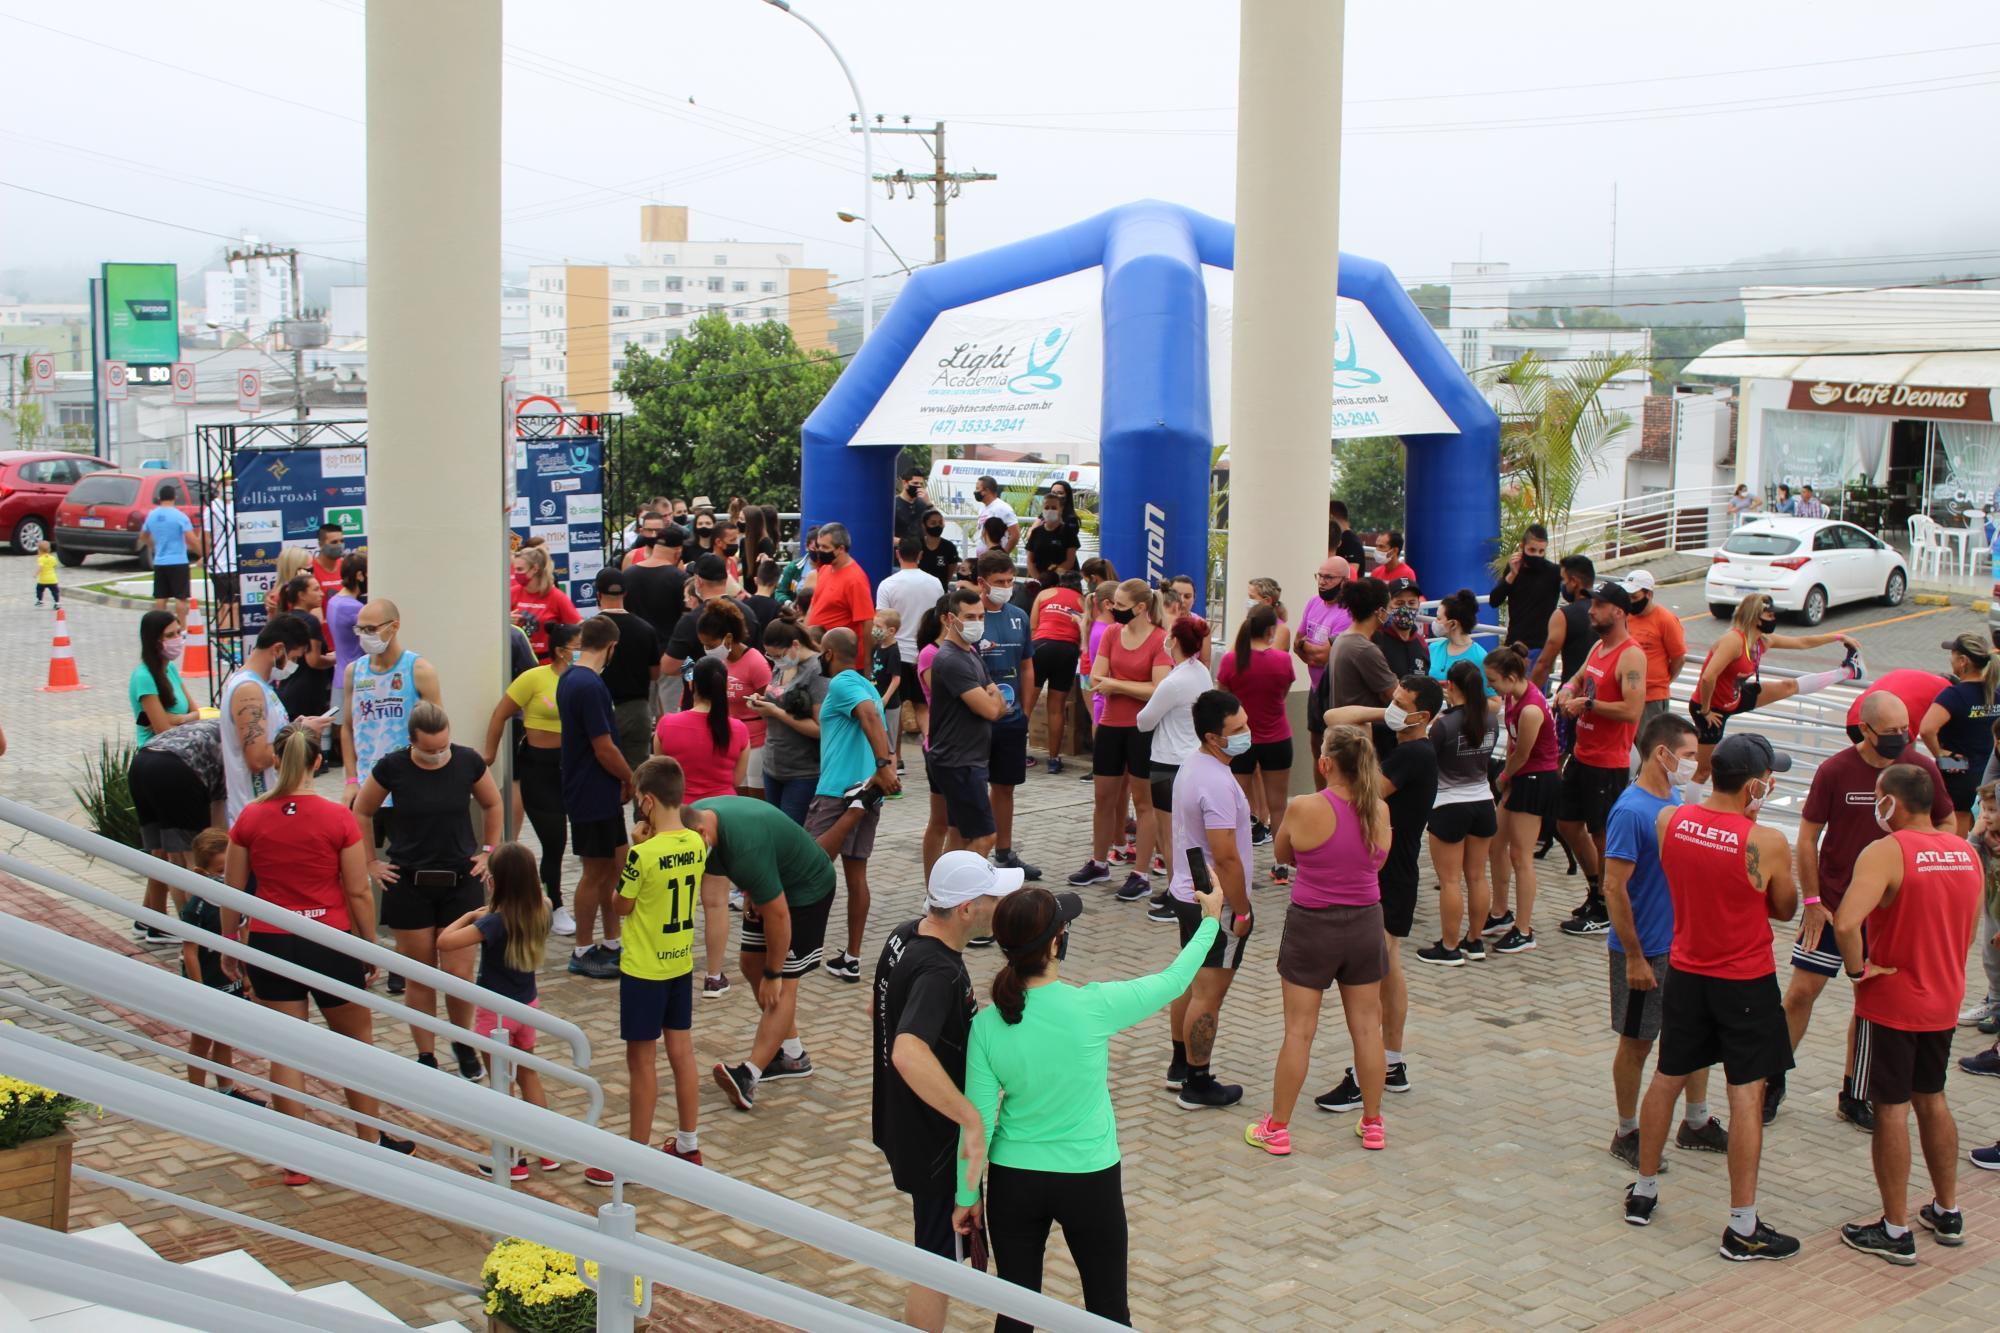 Corrida e Caminhada pela Vida reúne mais de 200 atletas e arrecada mais de uma tonelada de alimentos